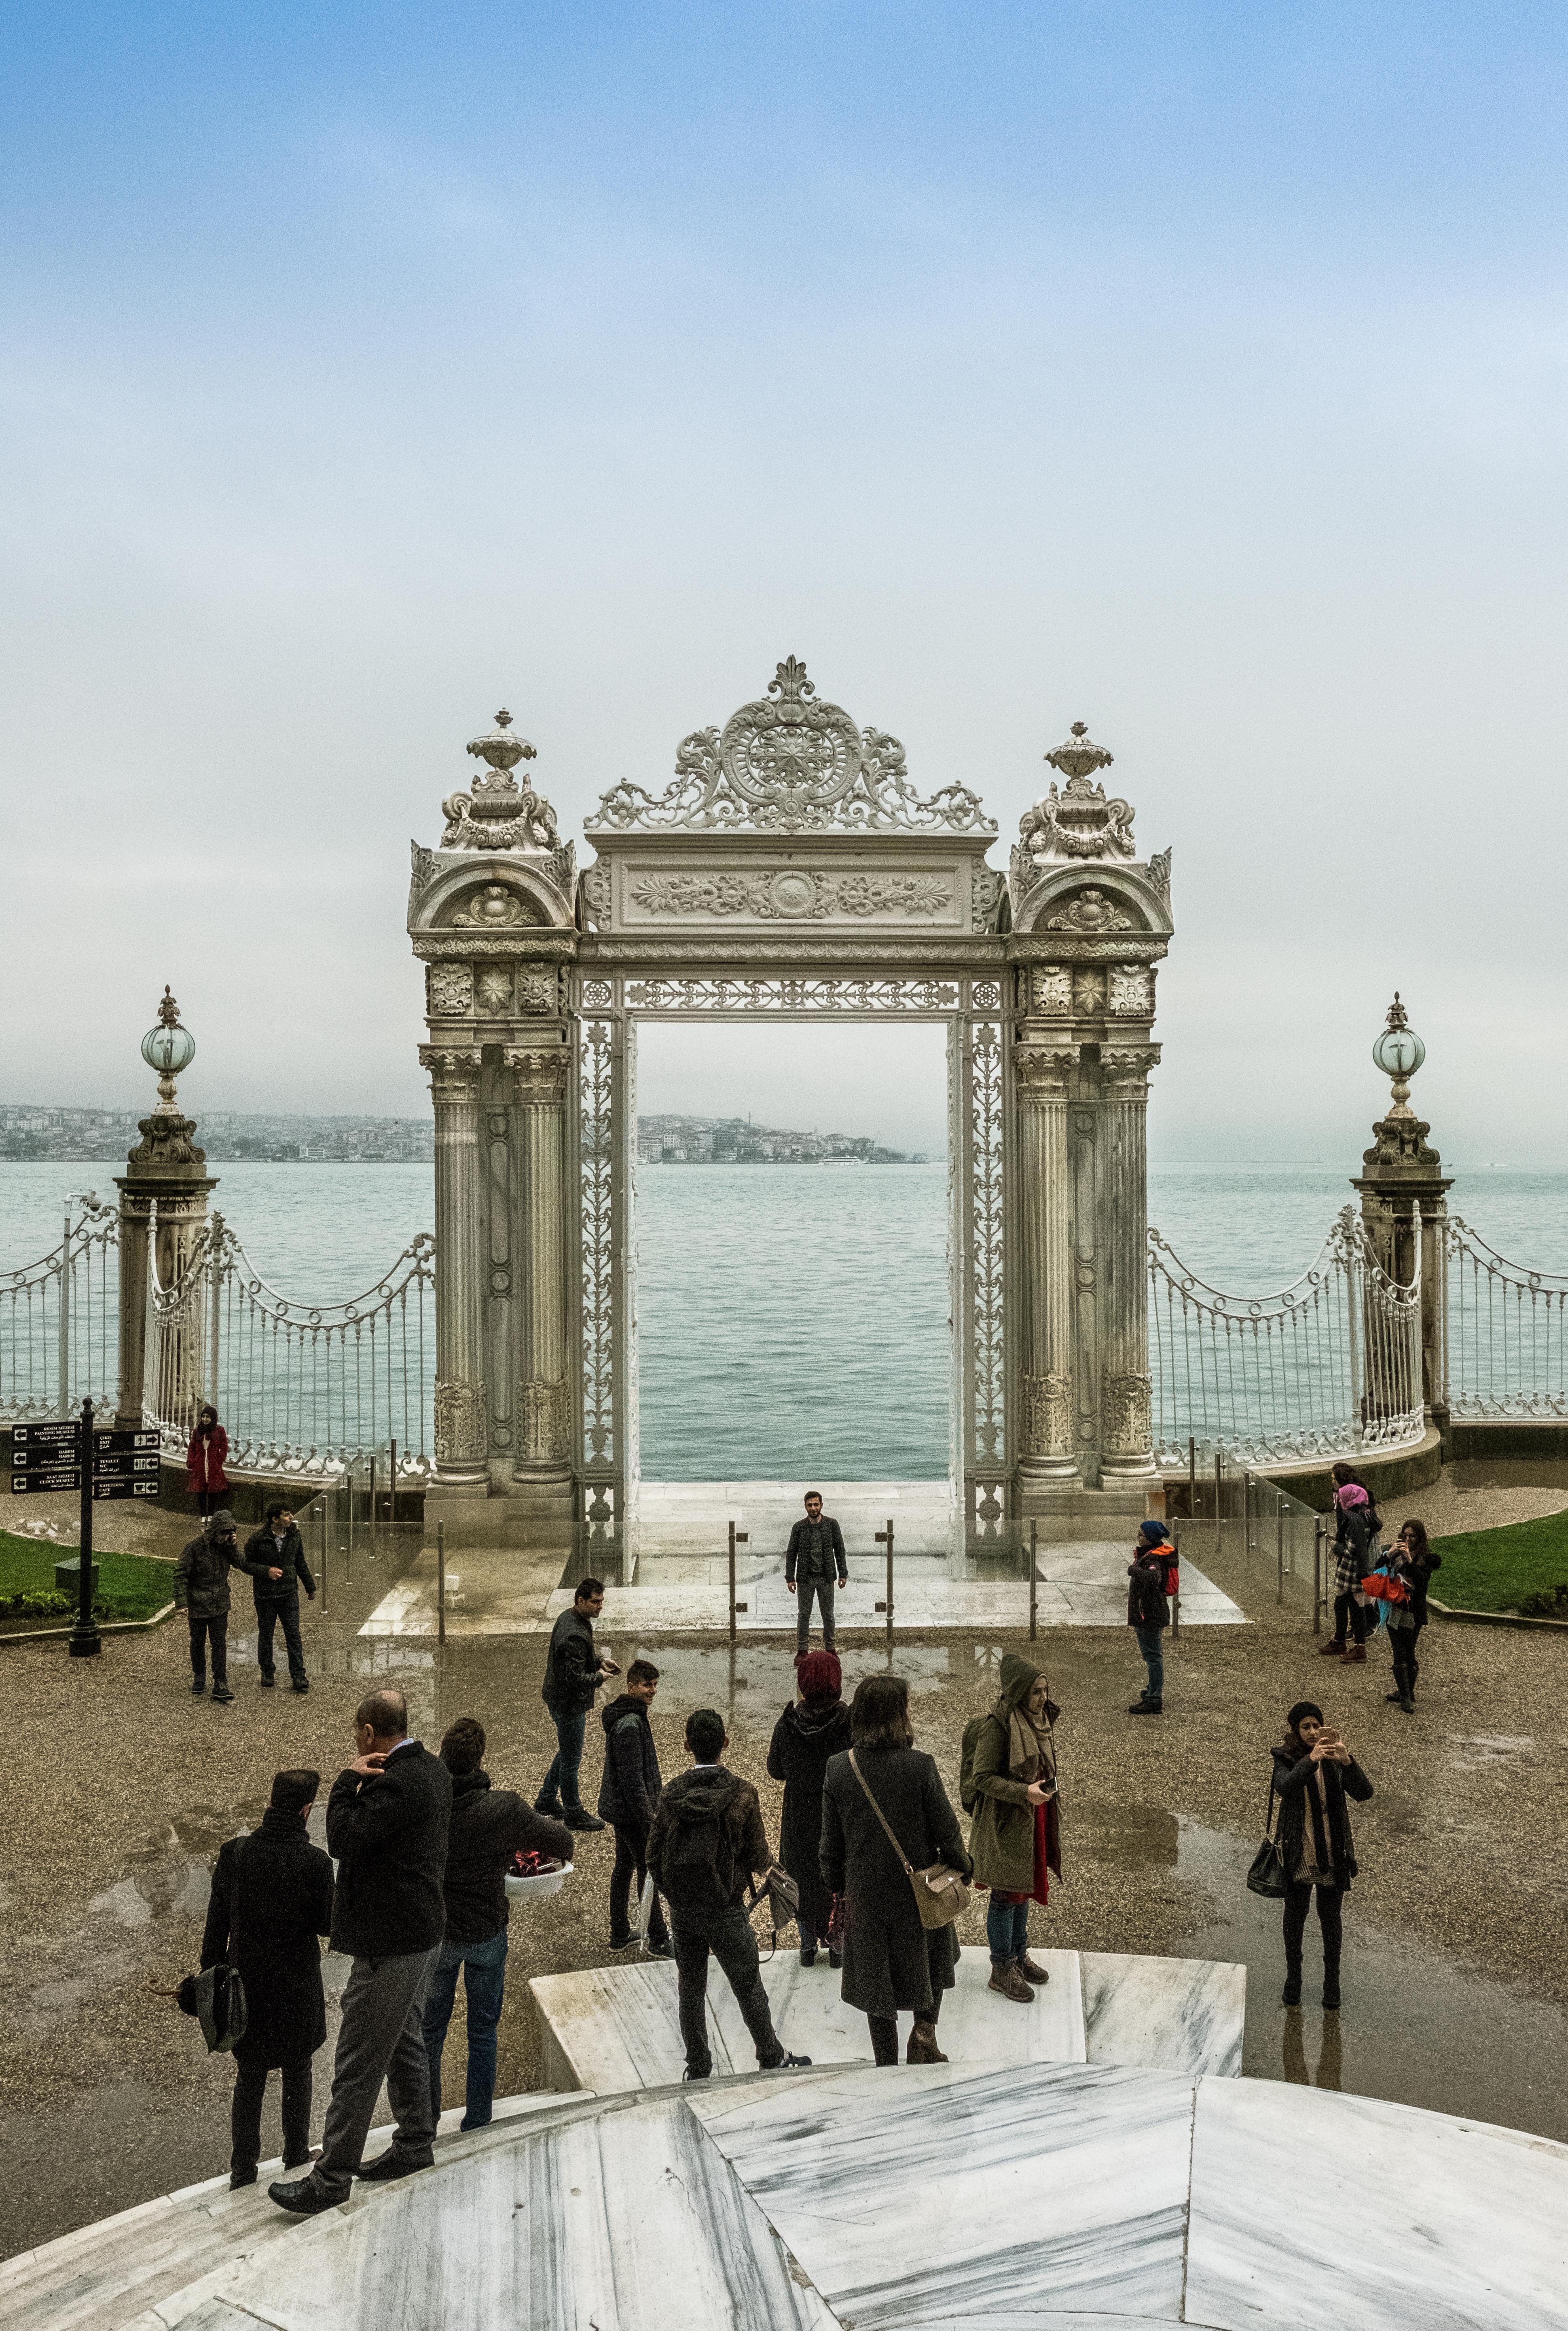 Puerta hacia el Bósforo del Palacio de Dolmabahçe, Architecture, Building, Clock, Gate, HQ Photo